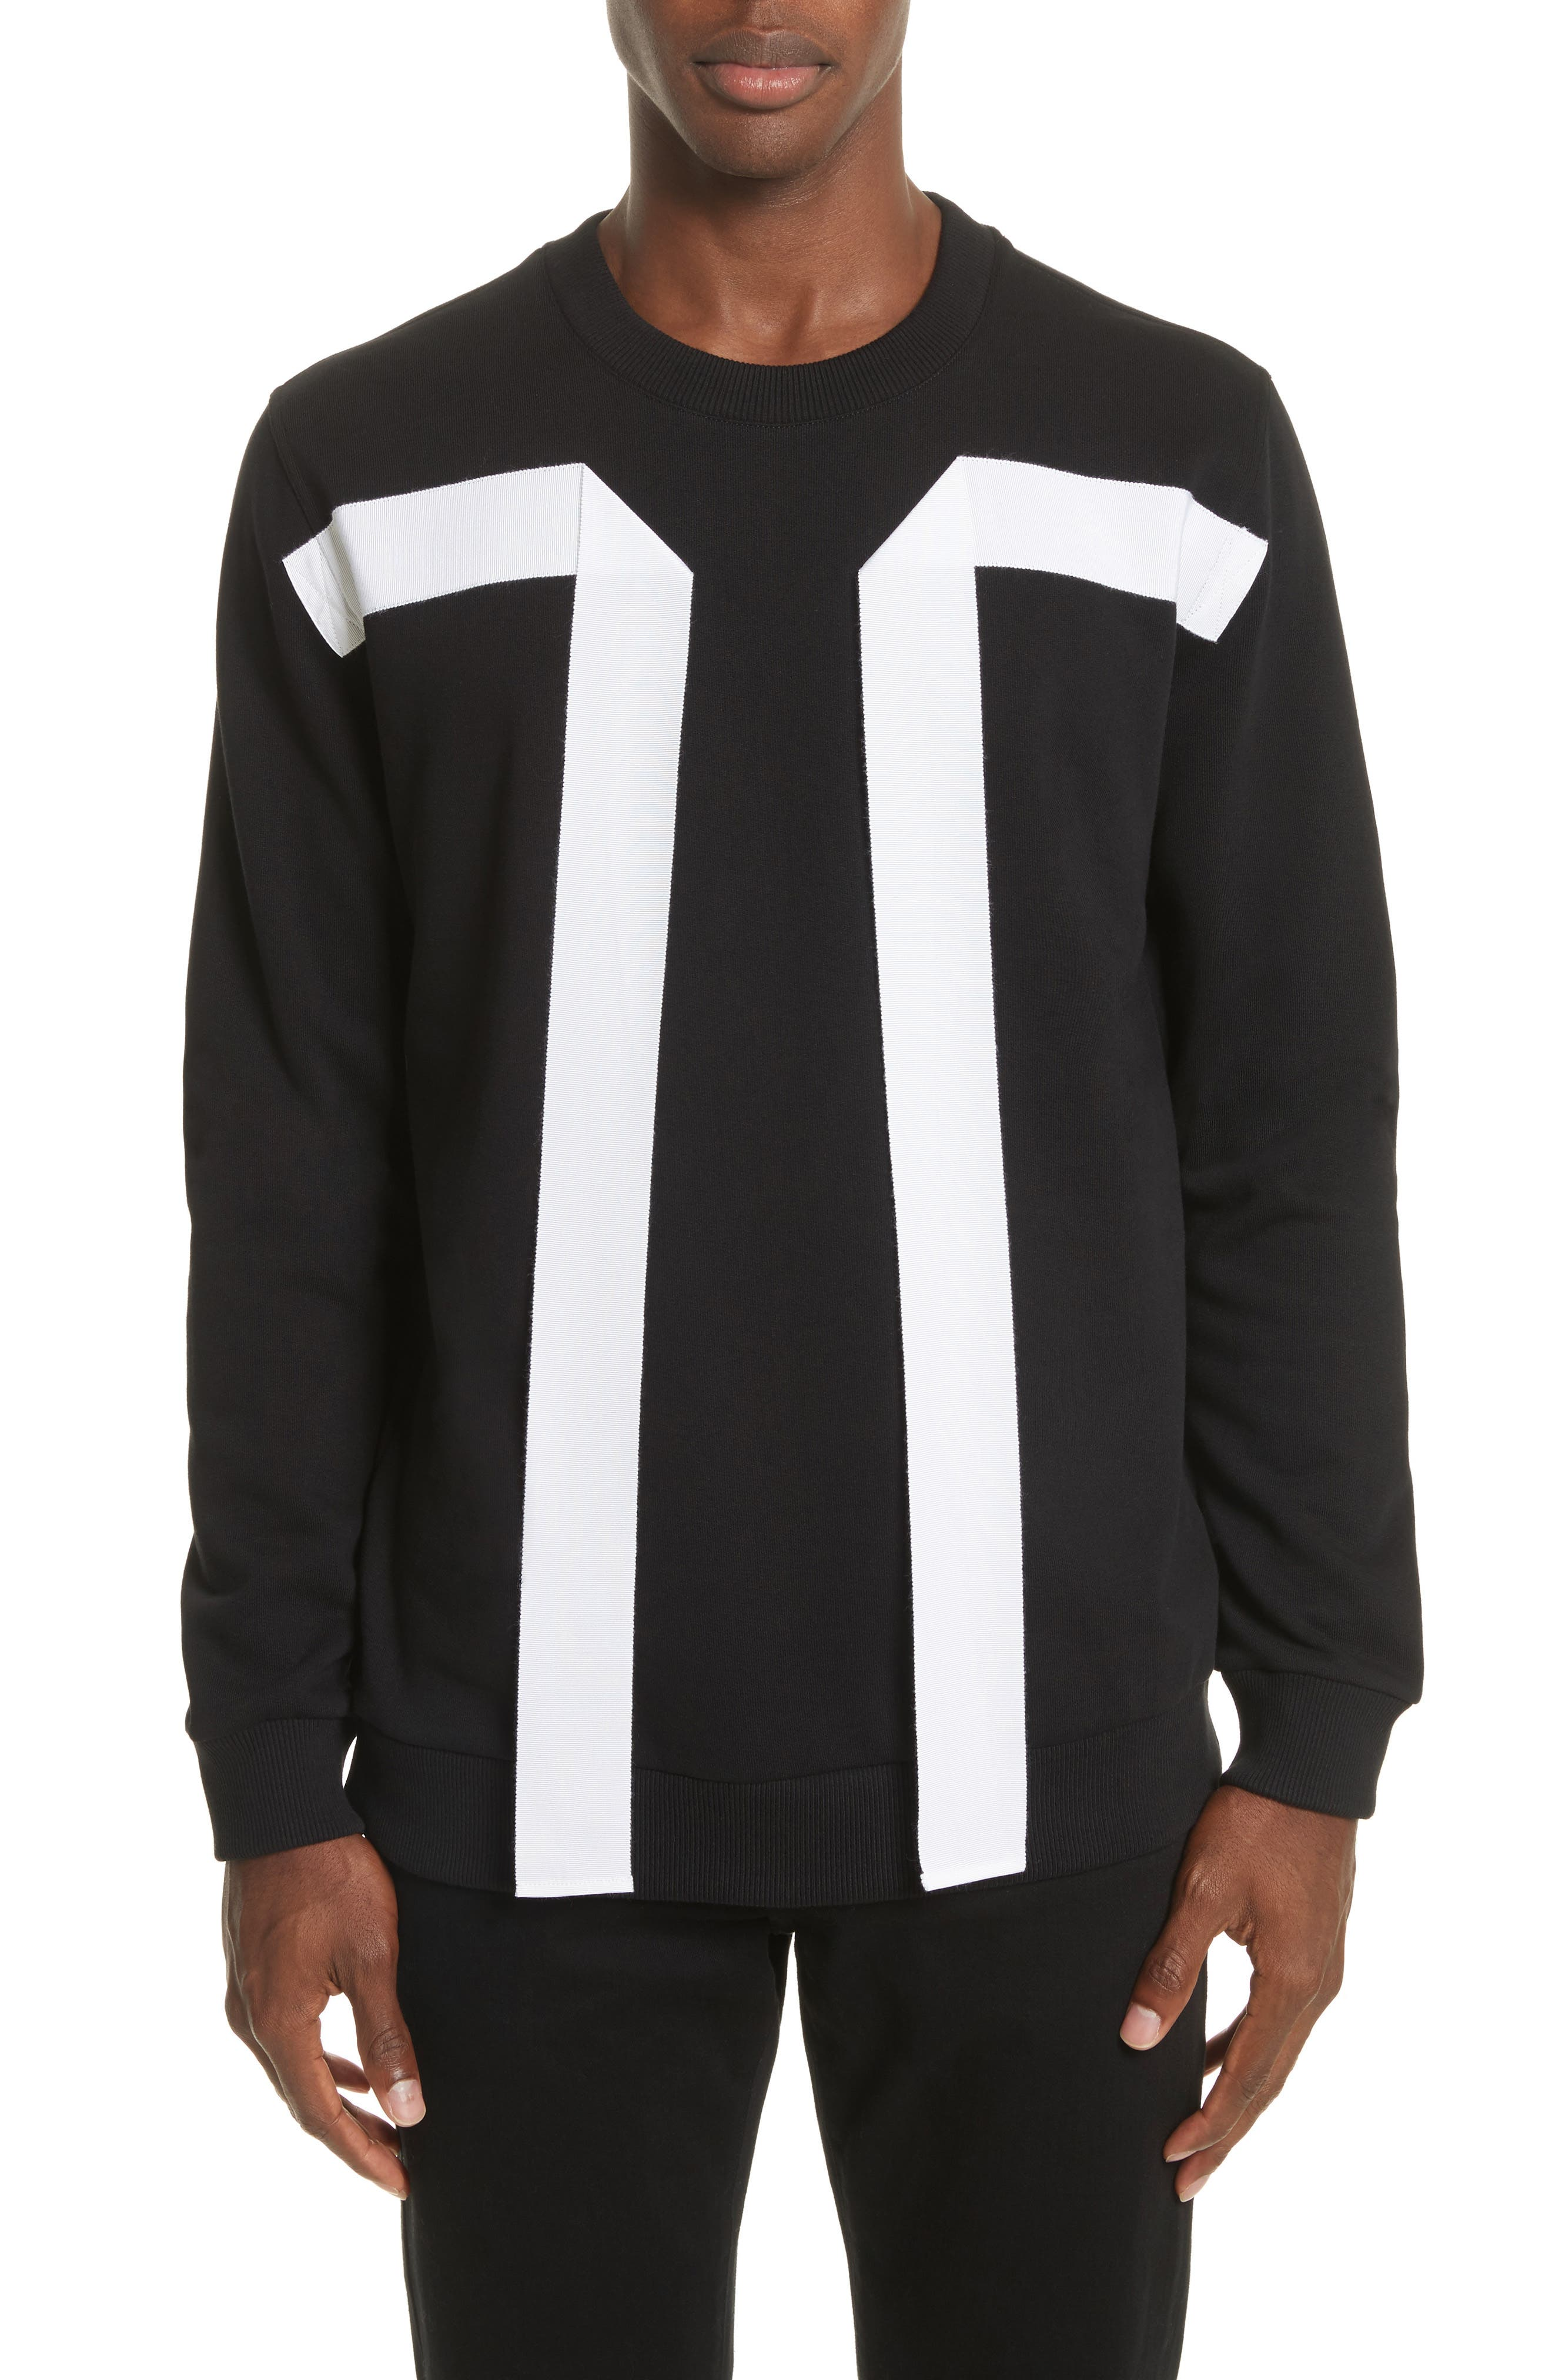 Flying Bands Crewneck Sweatshirt,                             Main thumbnail 1, color,                             001